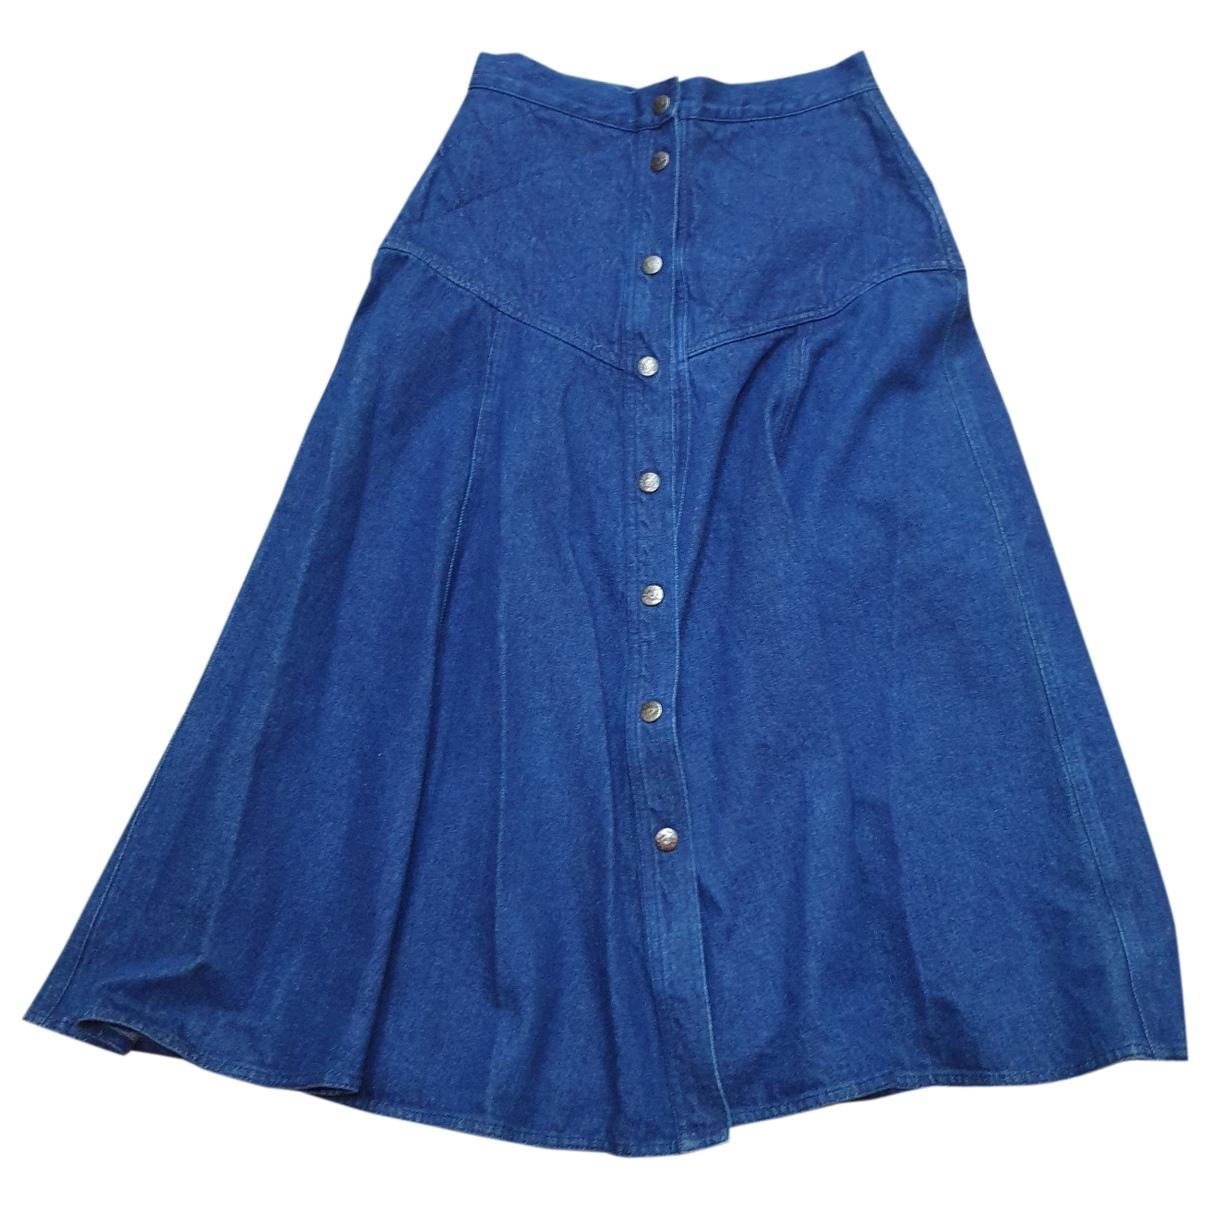 Iceberg \N Blue Denim - Jeans skirt for Women 44 IT